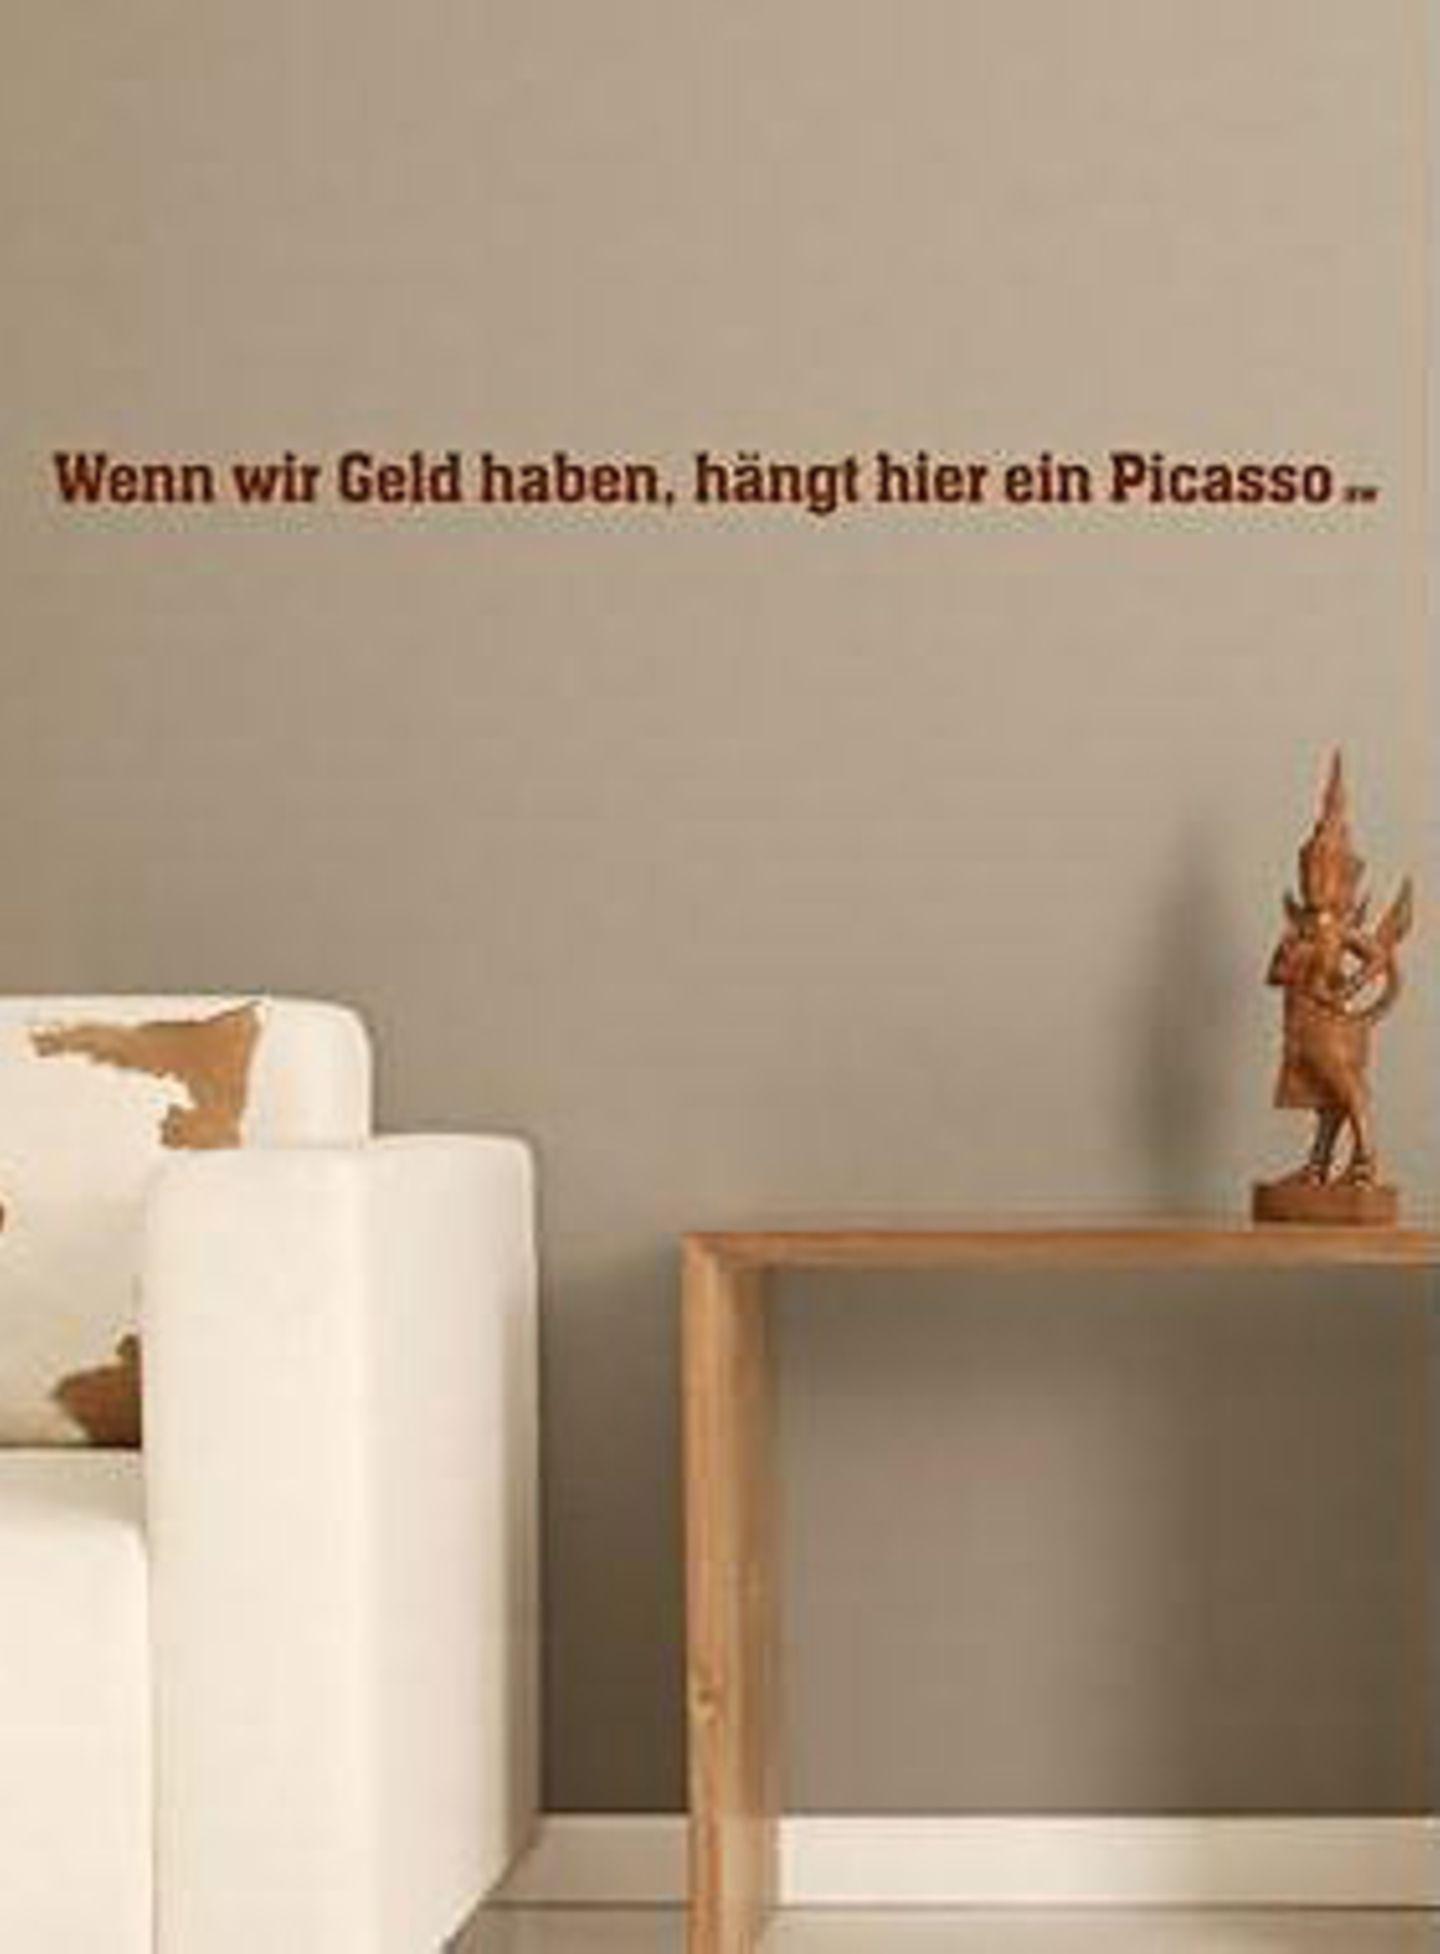 """Lasst Wände sprechen!    Wer keine Lust auf eine trostlose Wohnzimmerwand in seiner Wohnung hat, aber noch nicht das nötige Kleingeld für einen Picasso, kann die Leere derweil mit diesem tollen Schriftzug aus selbstklebenden Buchstaben von anna wand® füllen. """"Wenn wir Geld haben, hängt hier ein Picasso"""" - Das ist doch eine klare Ansage und das Beste: Die Deko lässt sich rückstandsfrei wieder ablösen. Zu bestellen für 59,00 Euro zzgl. Versandkosten unter >>  www.design-3000.de"""